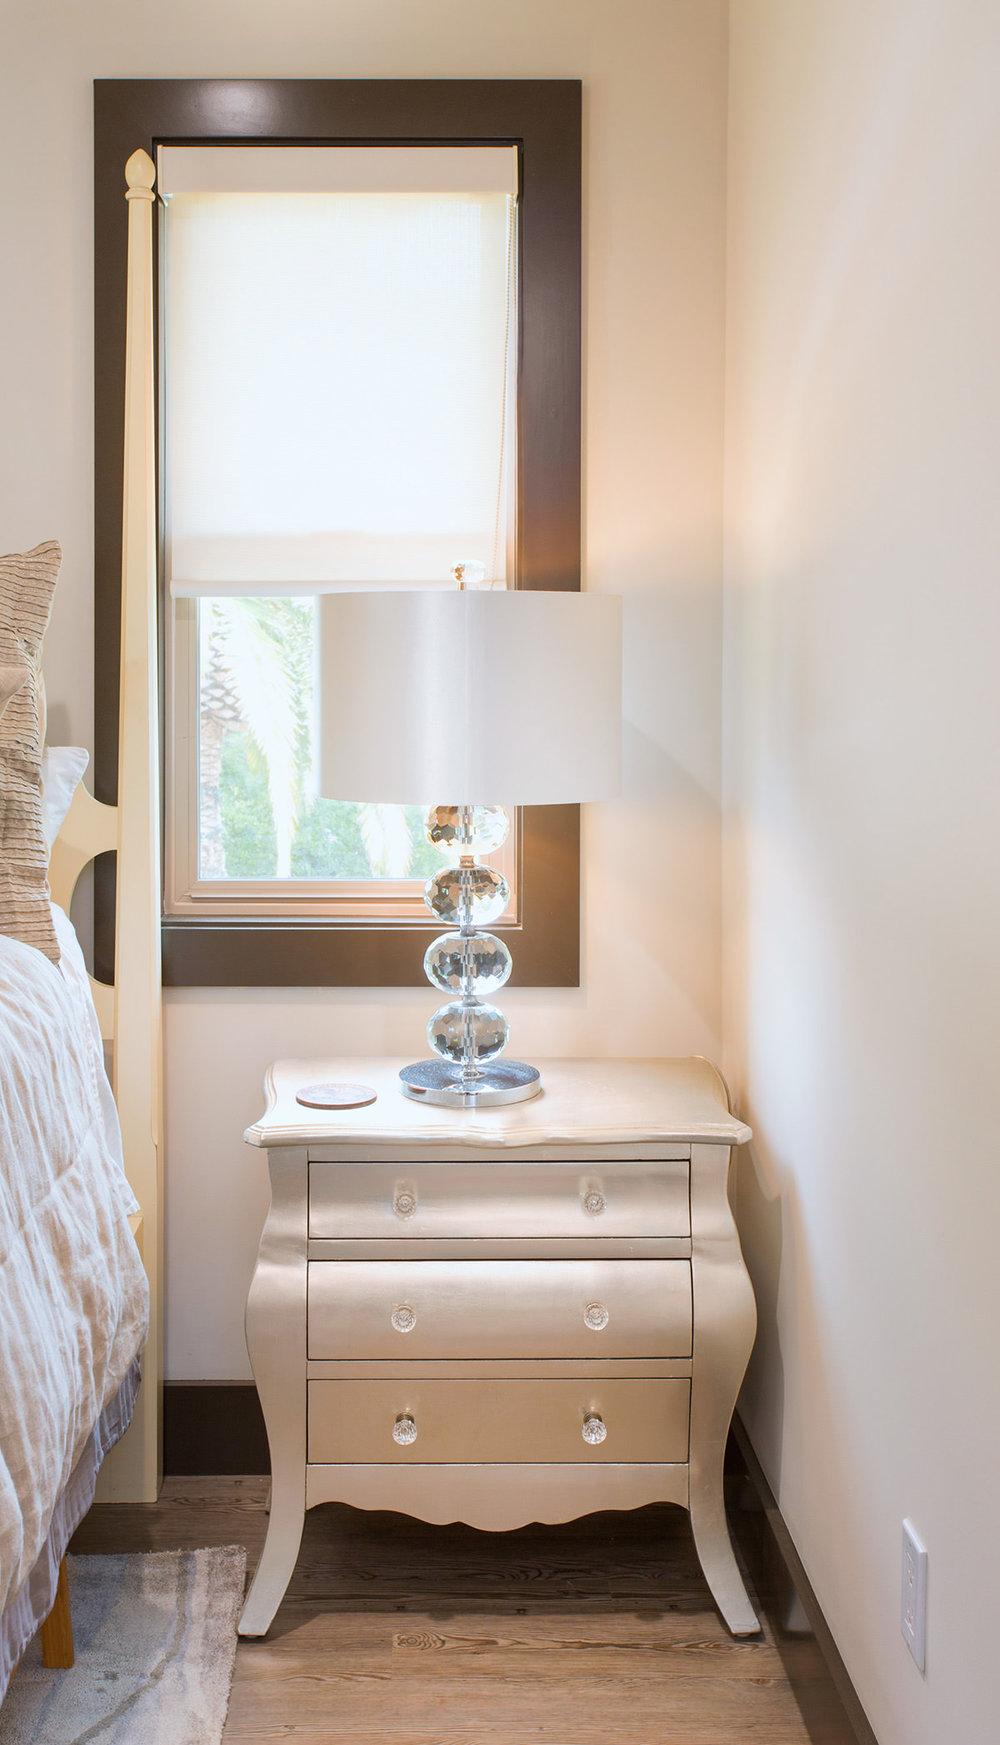 bedroom-interior-design-los-altos-california-ktj-design-co-6.jpg